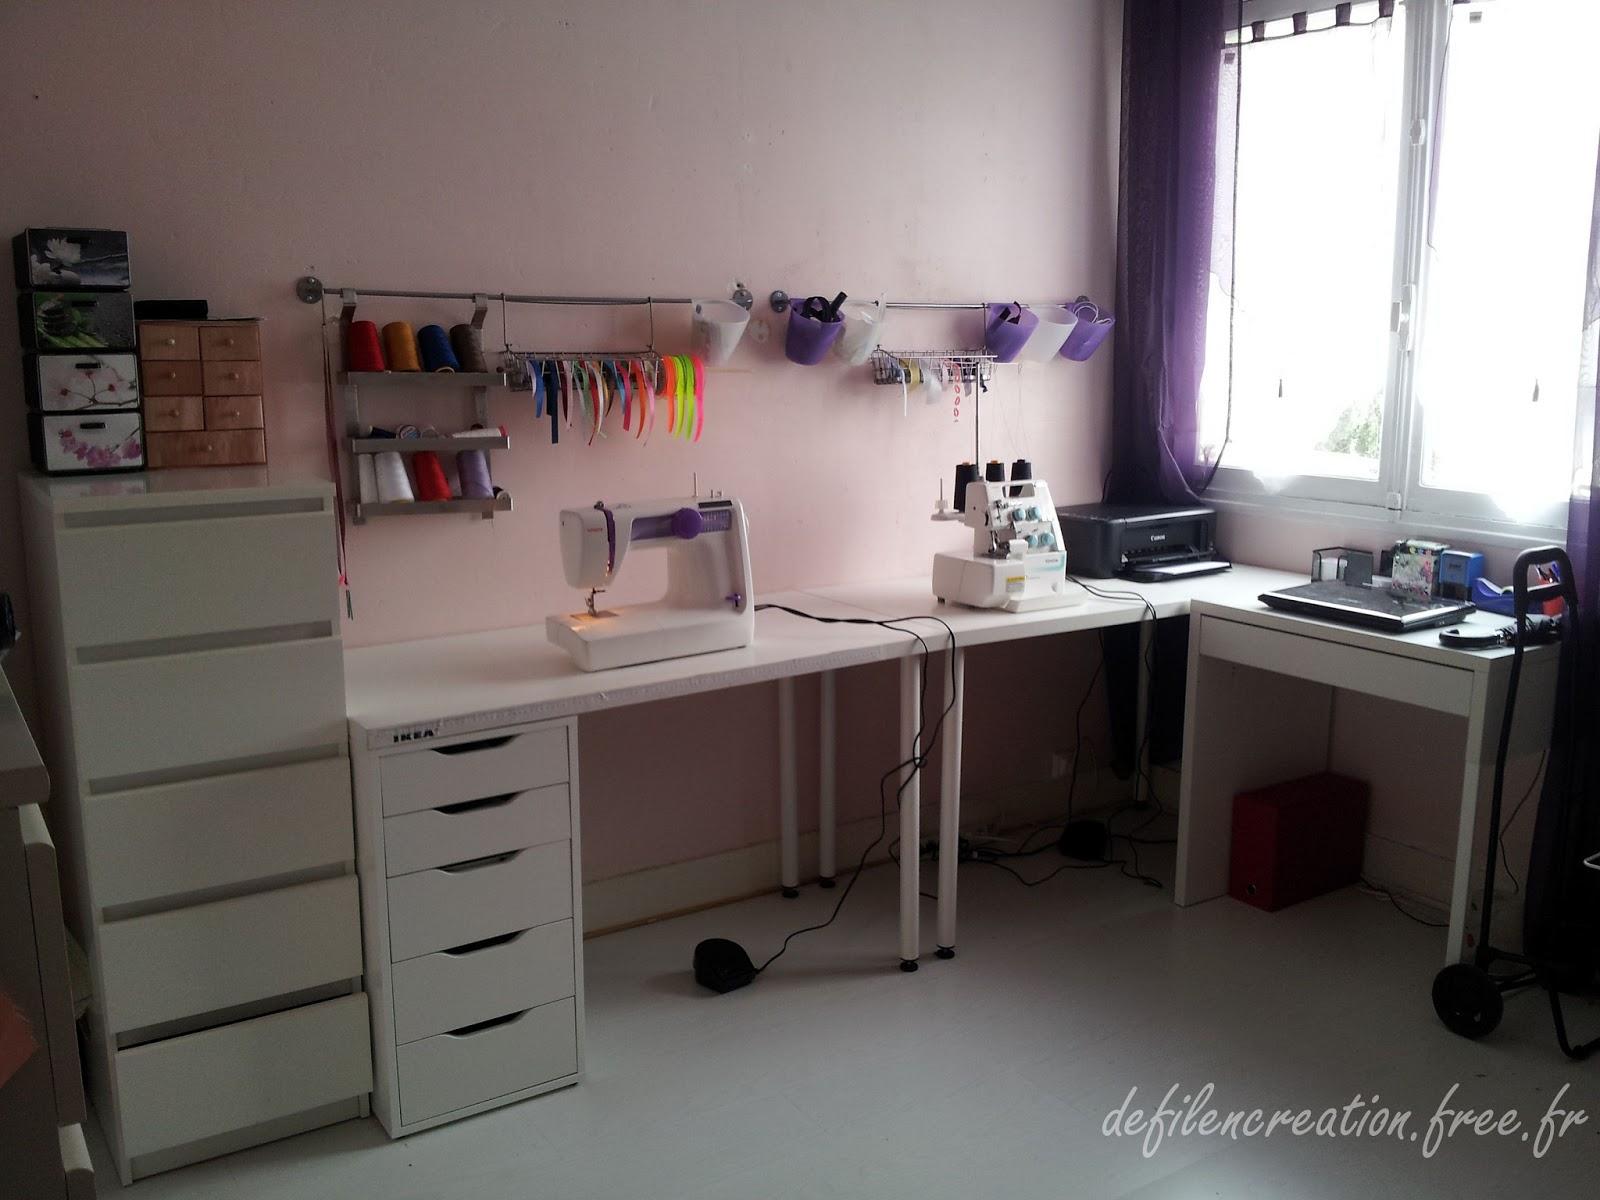 de fil en cr ation b r nice mon atelier couture. Black Bedroom Furniture Sets. Home Design Ideas